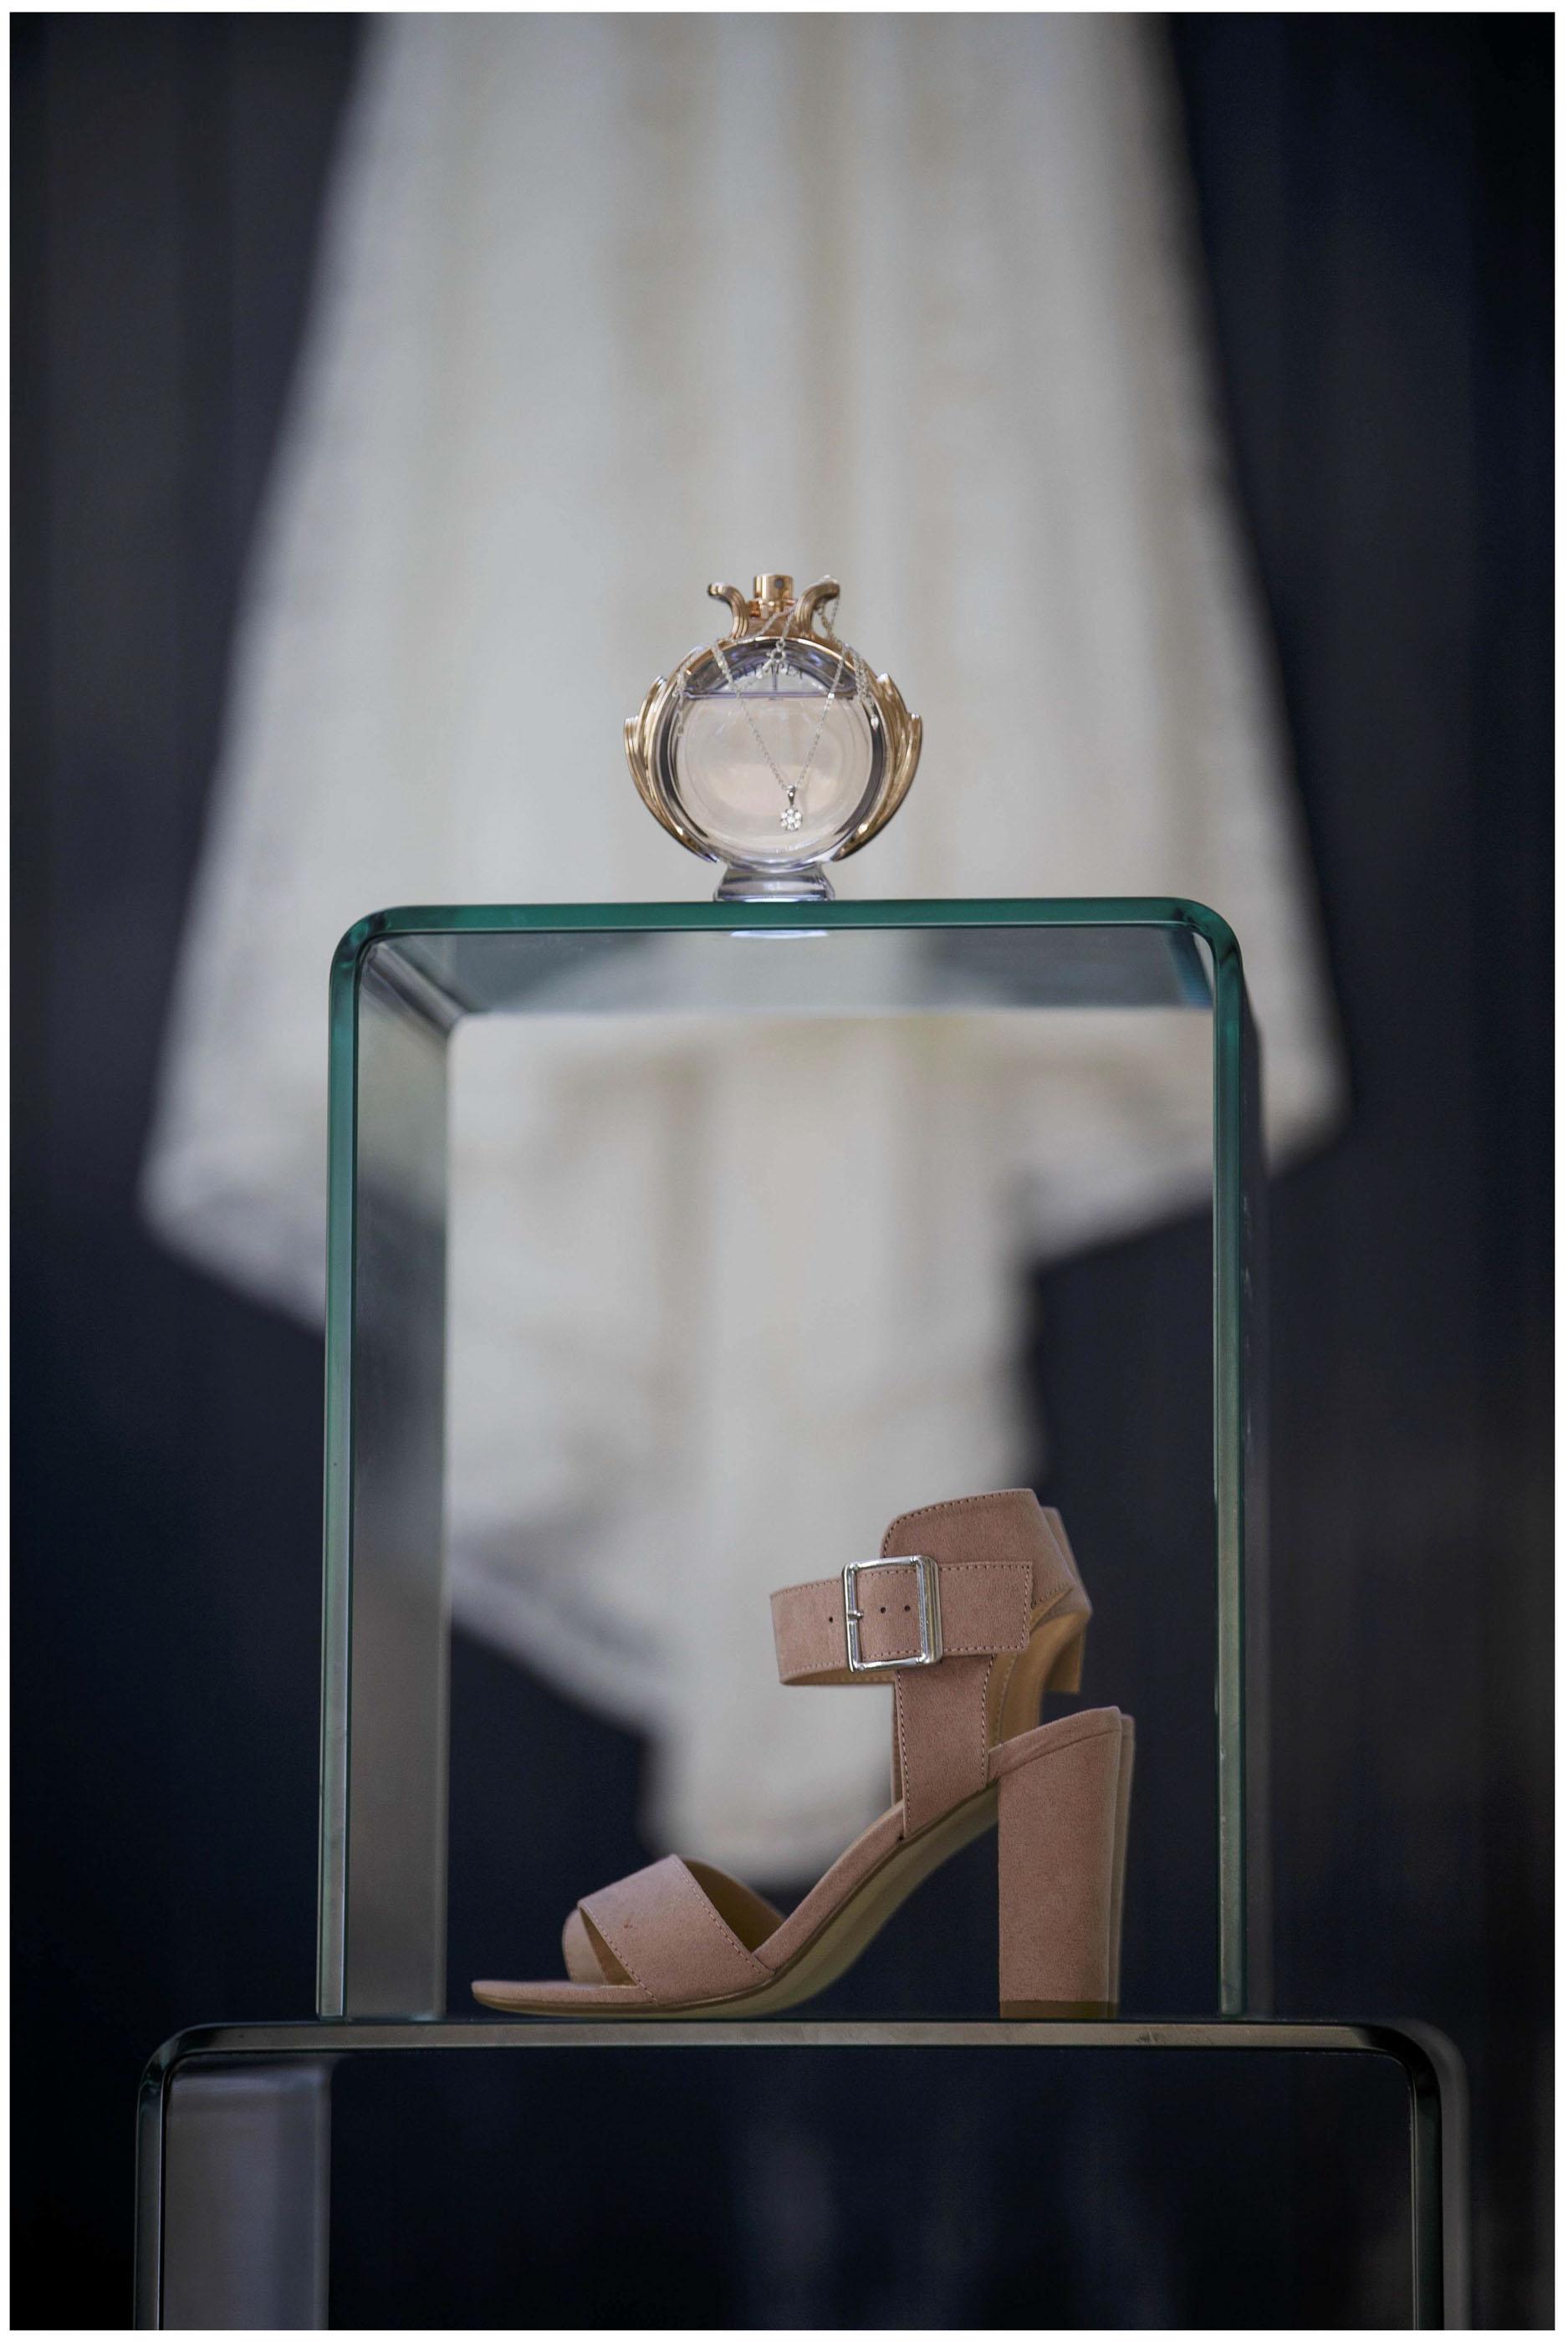 Wedding shoes , Wedding dress,Wedding perfume bottle, Wedding day jewellery